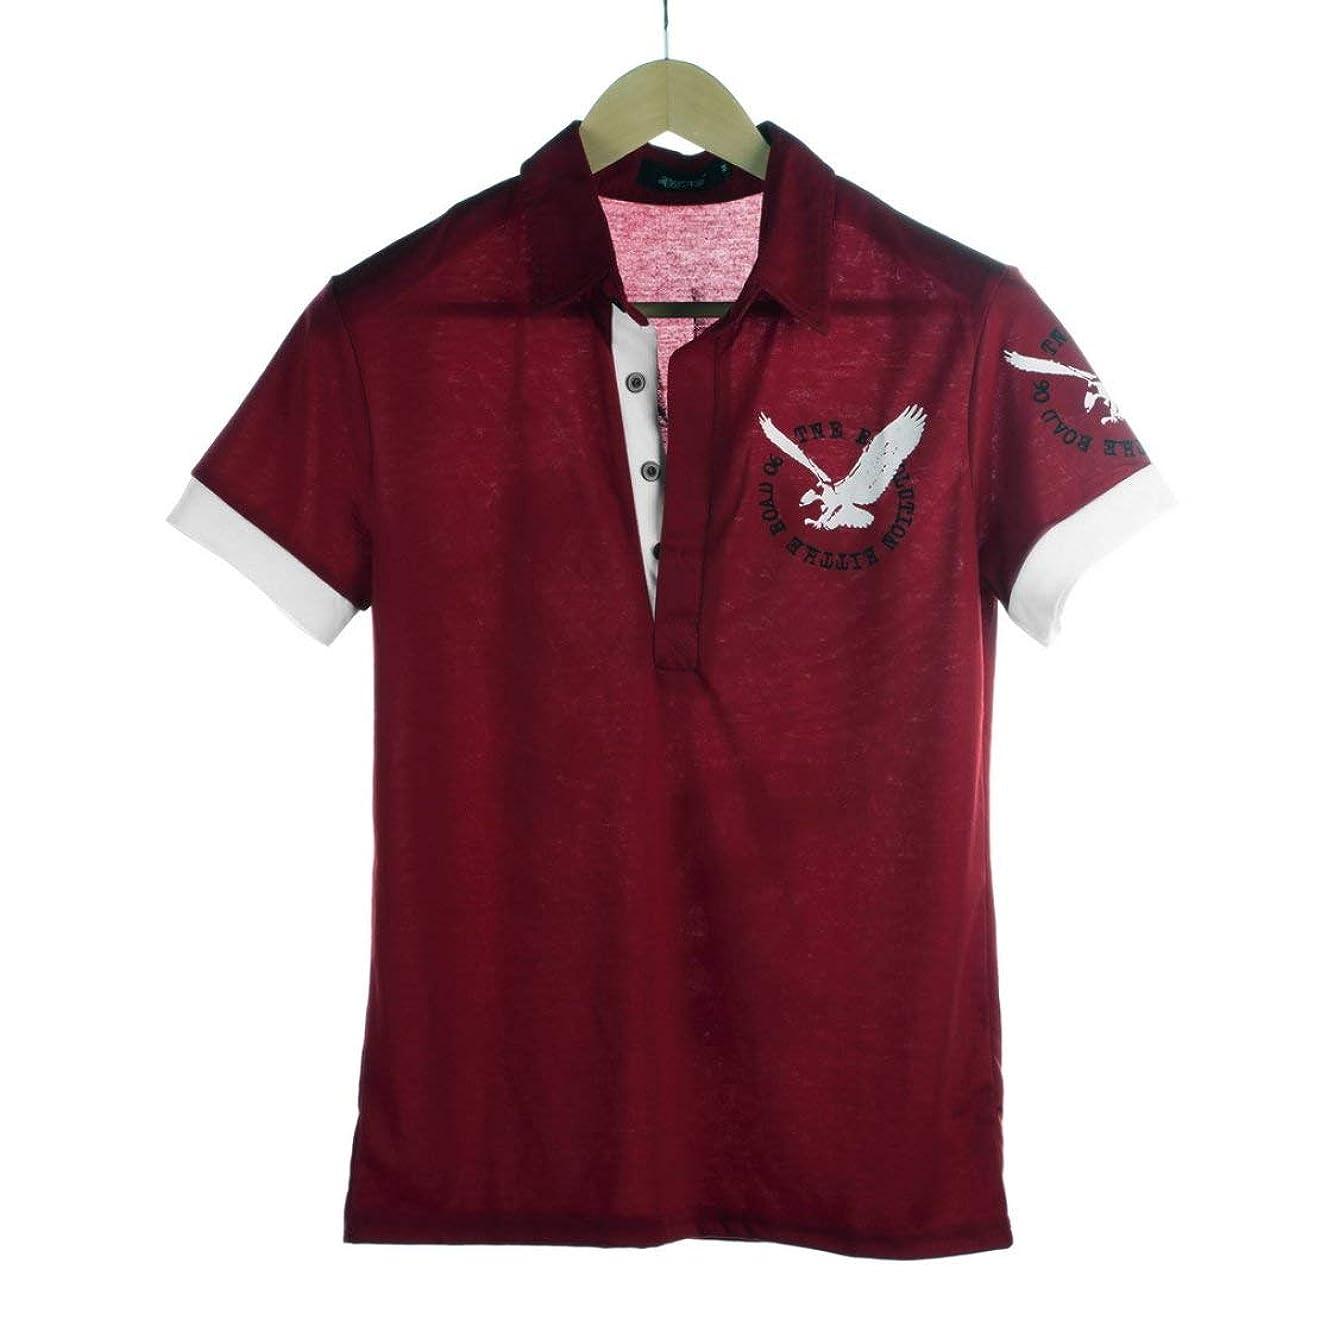 注意闇充実メンズプレミアムイーグルプリント半袖ポロシャツ襟Tシャツ-ワインレッド-XXL